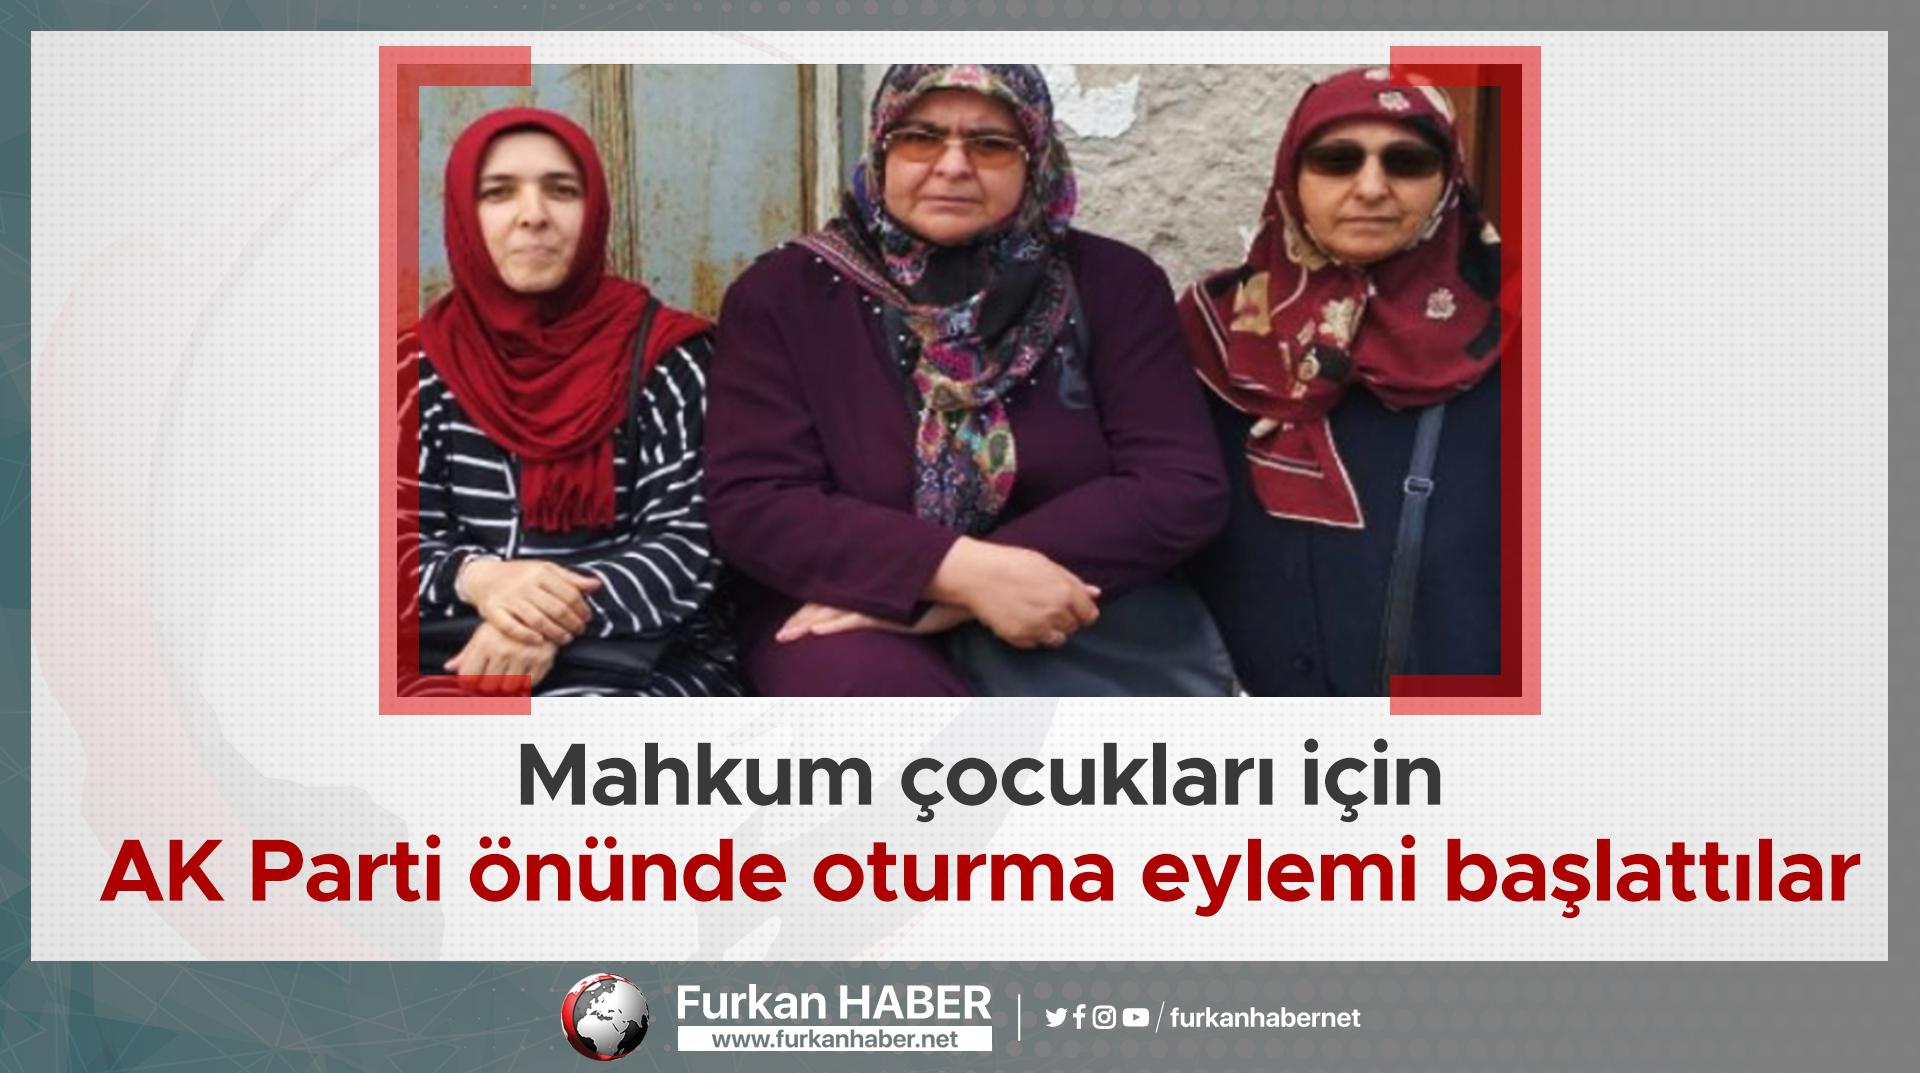 Mahkum çocukları için AK Parti önünde oturma eylemi başlattılar